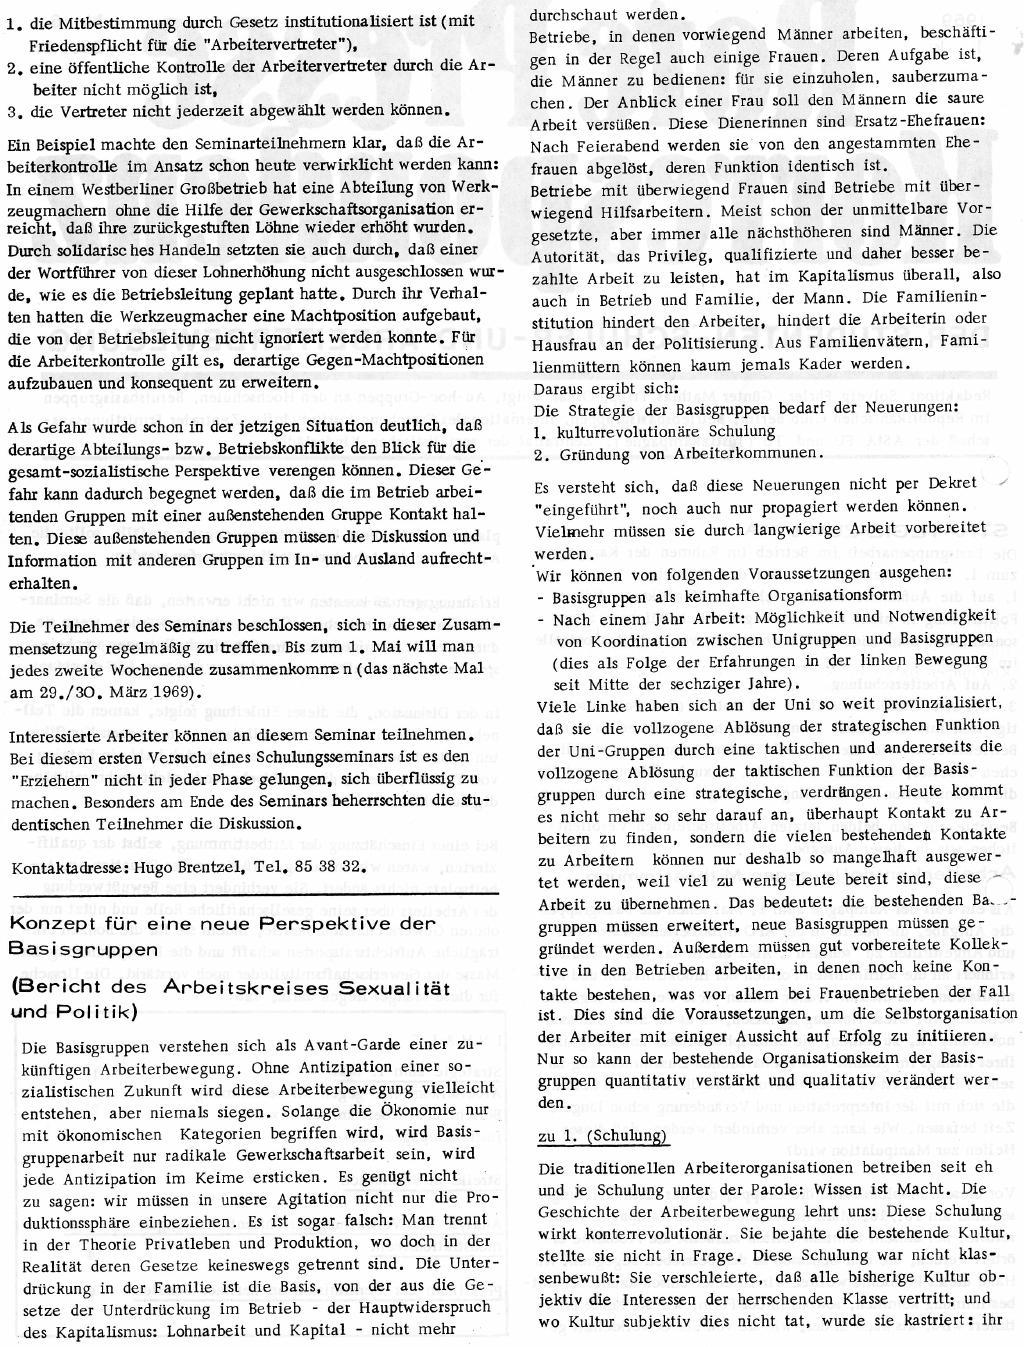 RPK_1969_006_02